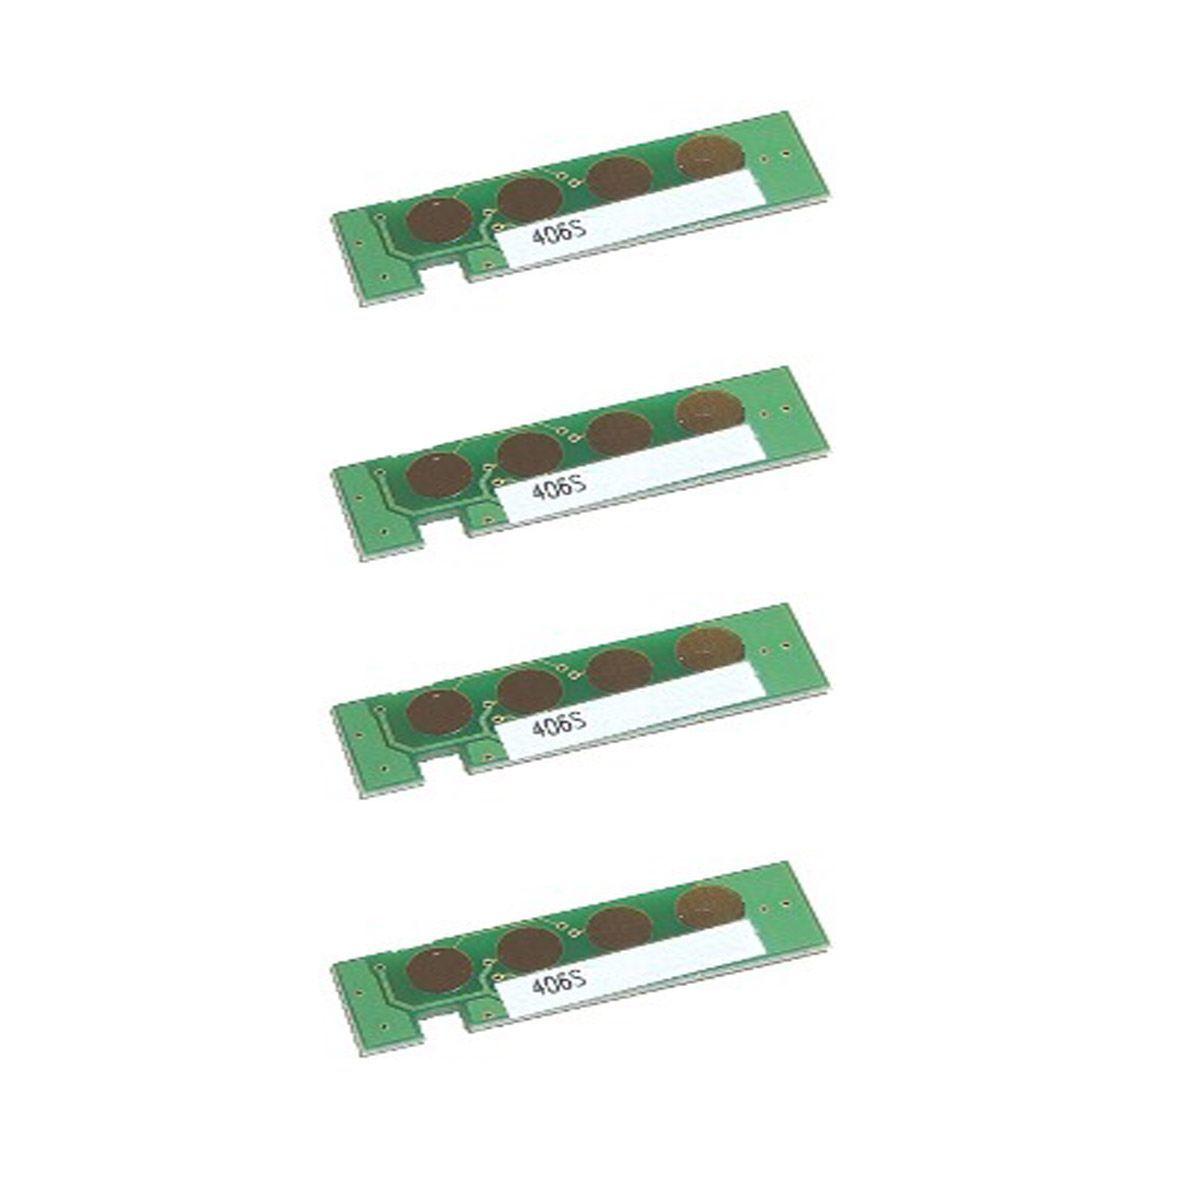 Kit 4 Chip Samsung 406 Clp365 Clp360 C460 C410